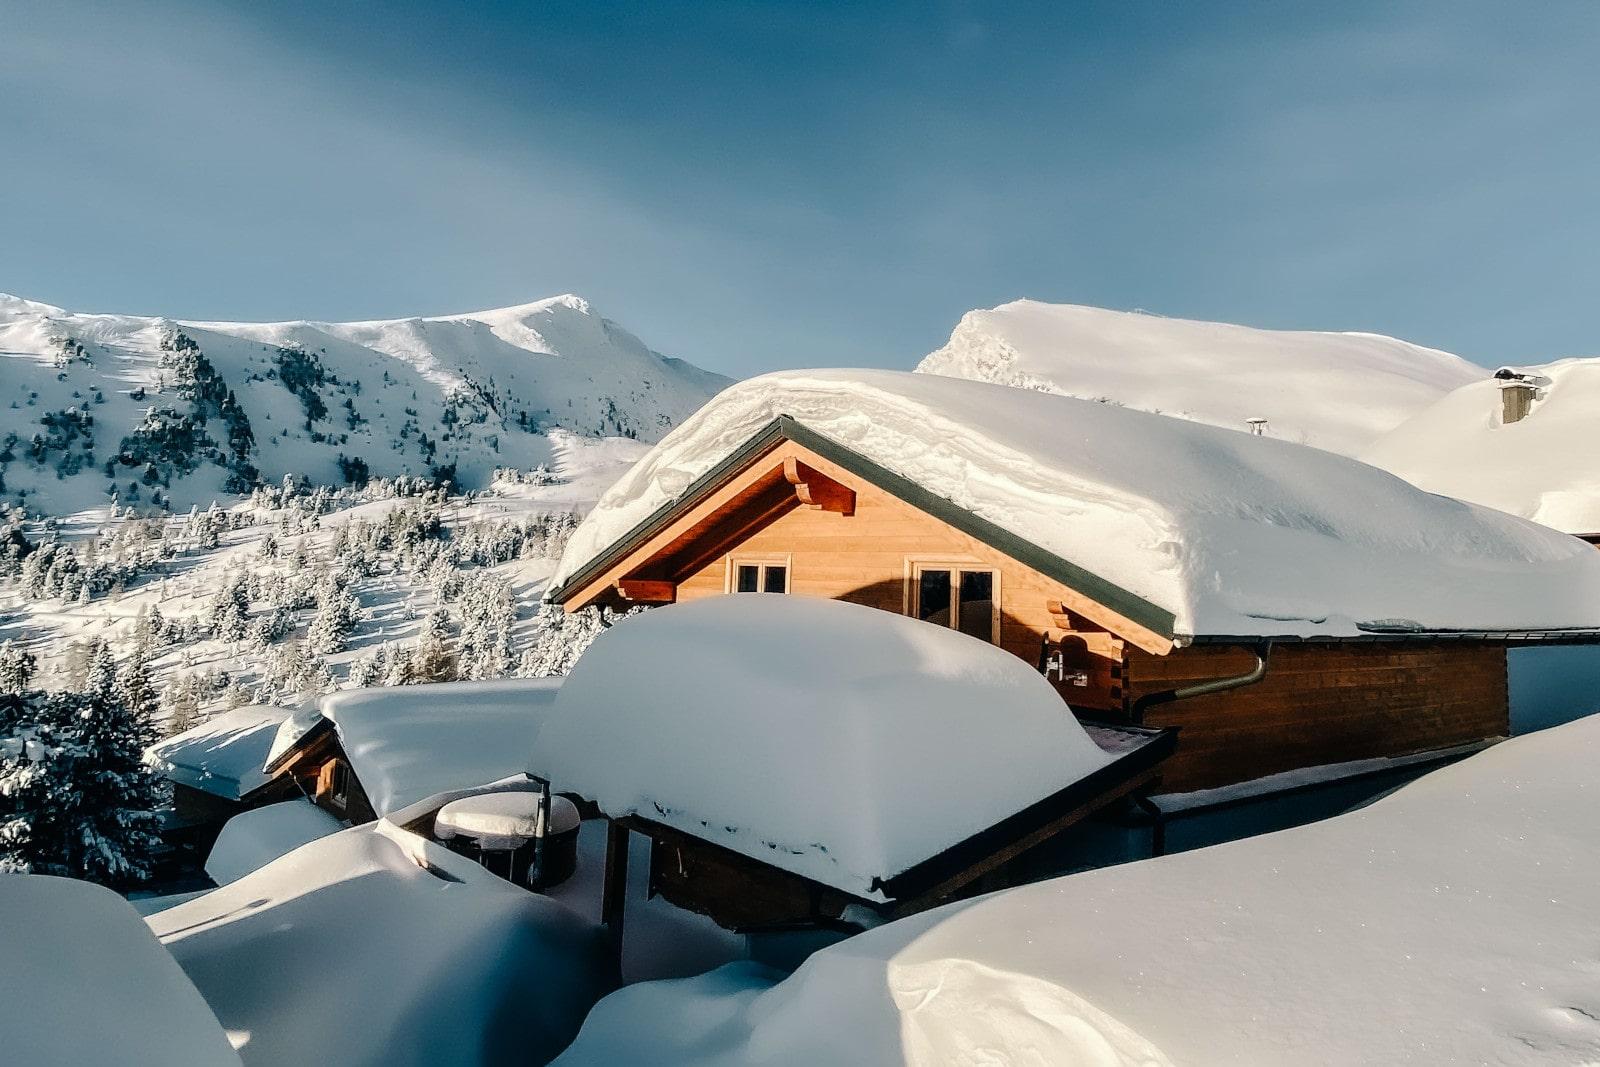 Heidi-Chalet-Falkert-Heidialm-Bergwinter-Ski-Piste-Rodresnock-Falkertspitz-Winter